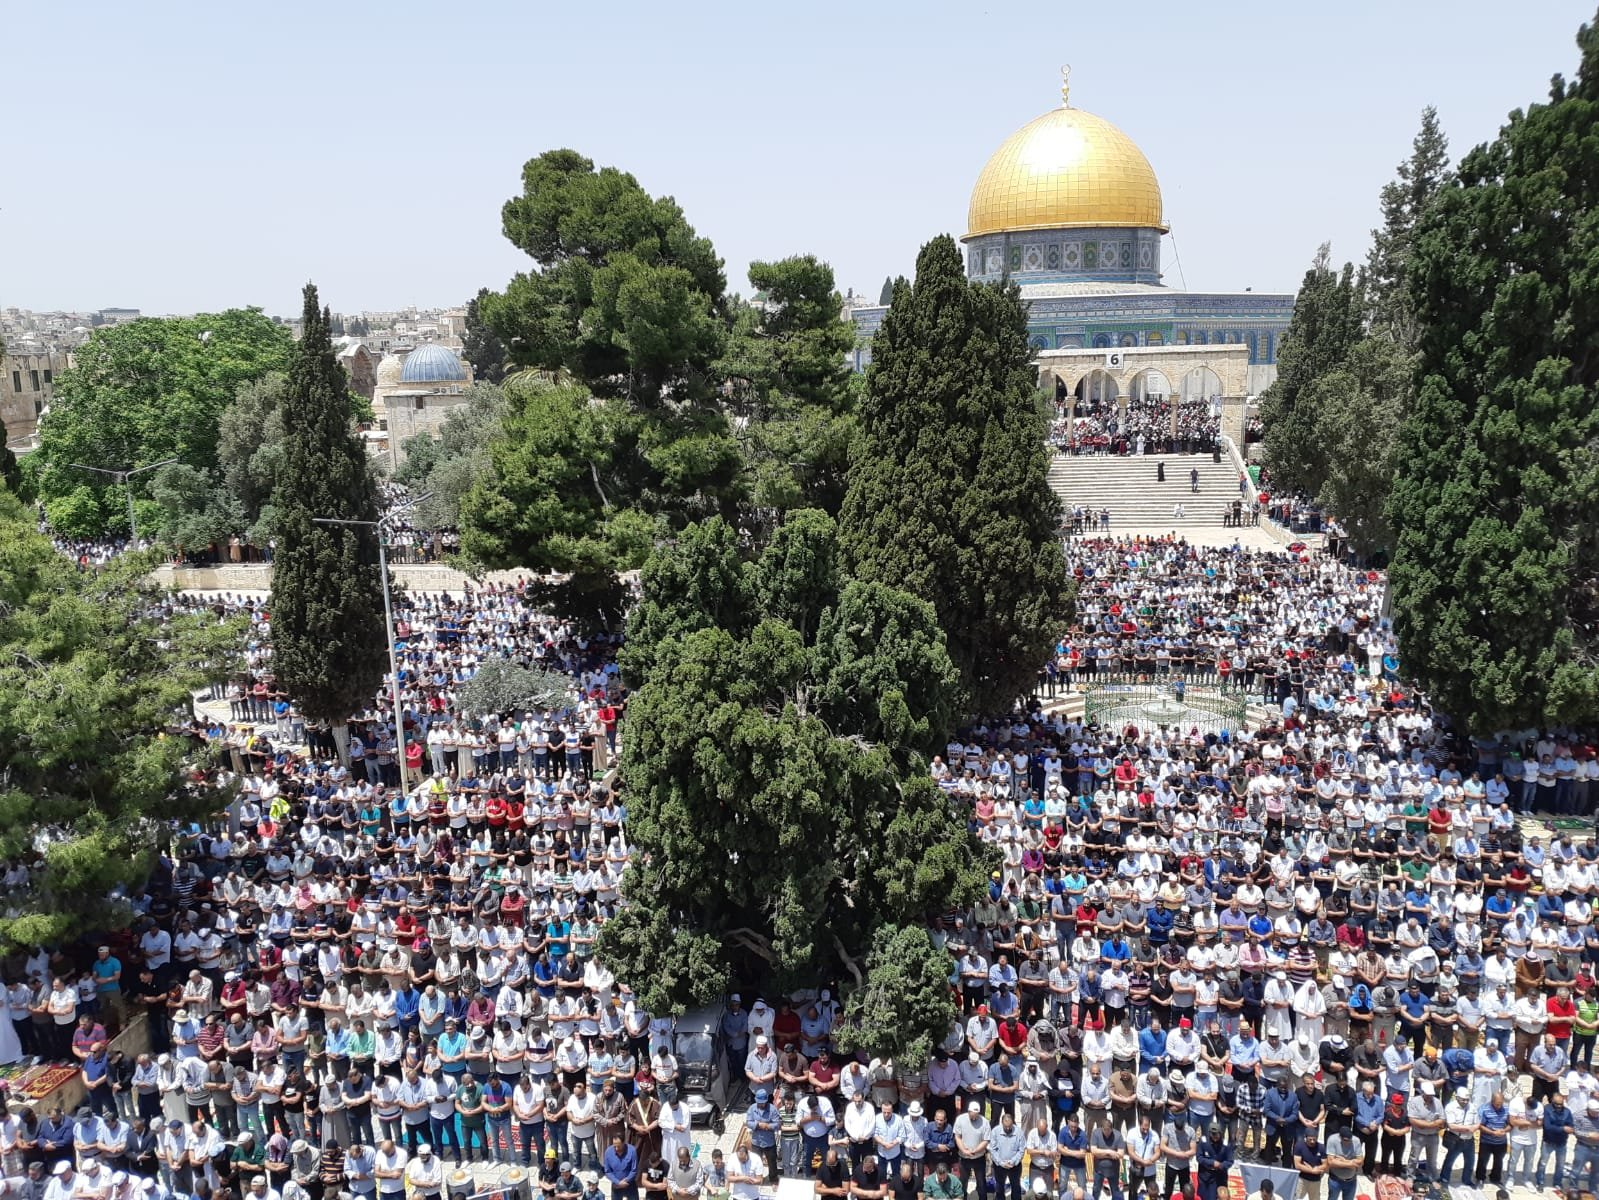 اكثر من 200 ألف مصل في الجمعة الثانية بالمسجد الأقصى